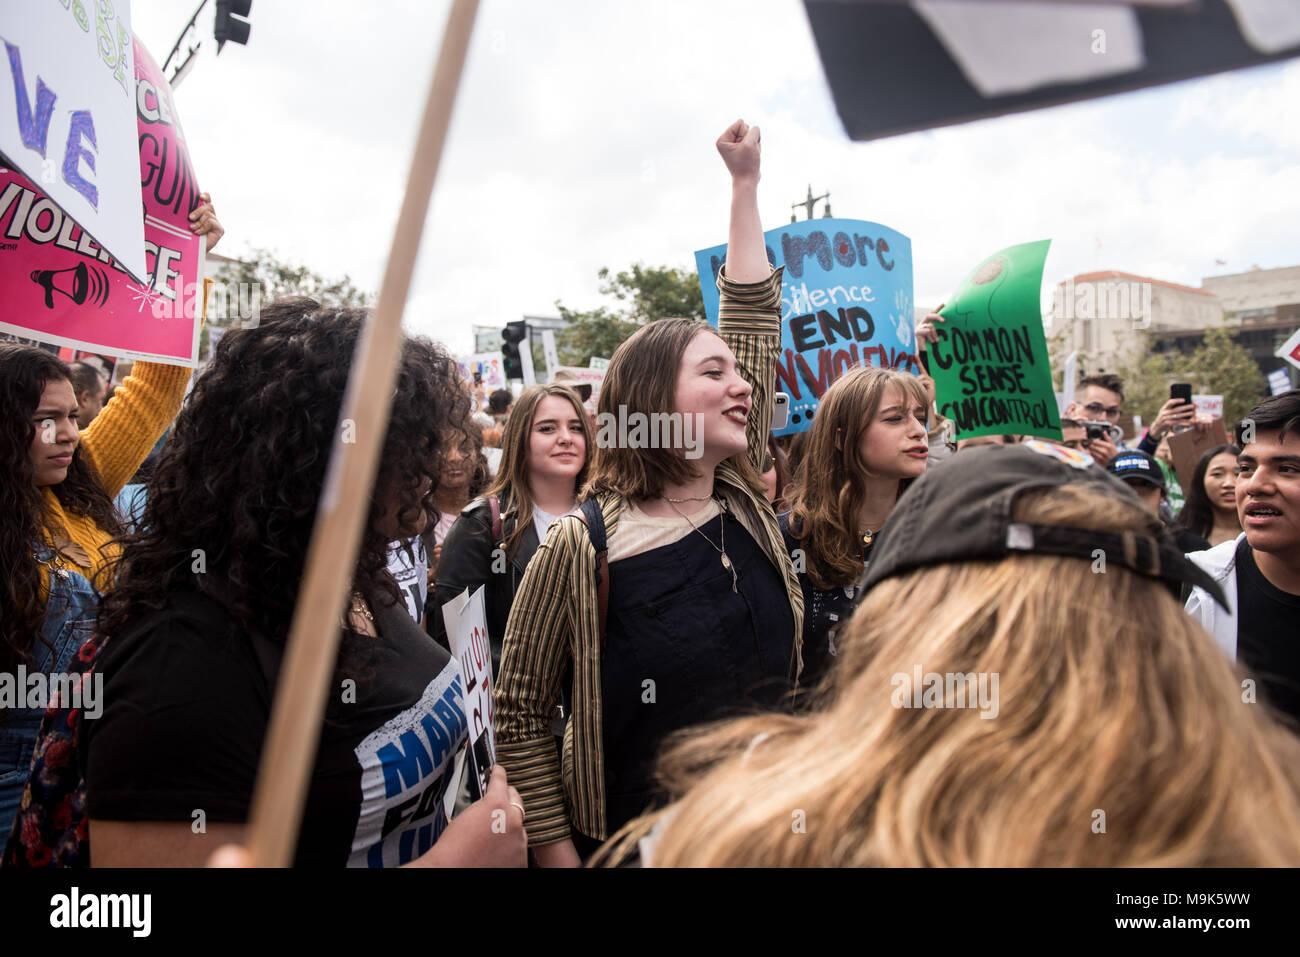 LOS ANGELES - le 24 mars 2018: mars pour nos vies est un mouvement consacré à l'activisme par les élèves autour de mettre fin à la violence armée et les fusillades de masse. Photo Stock